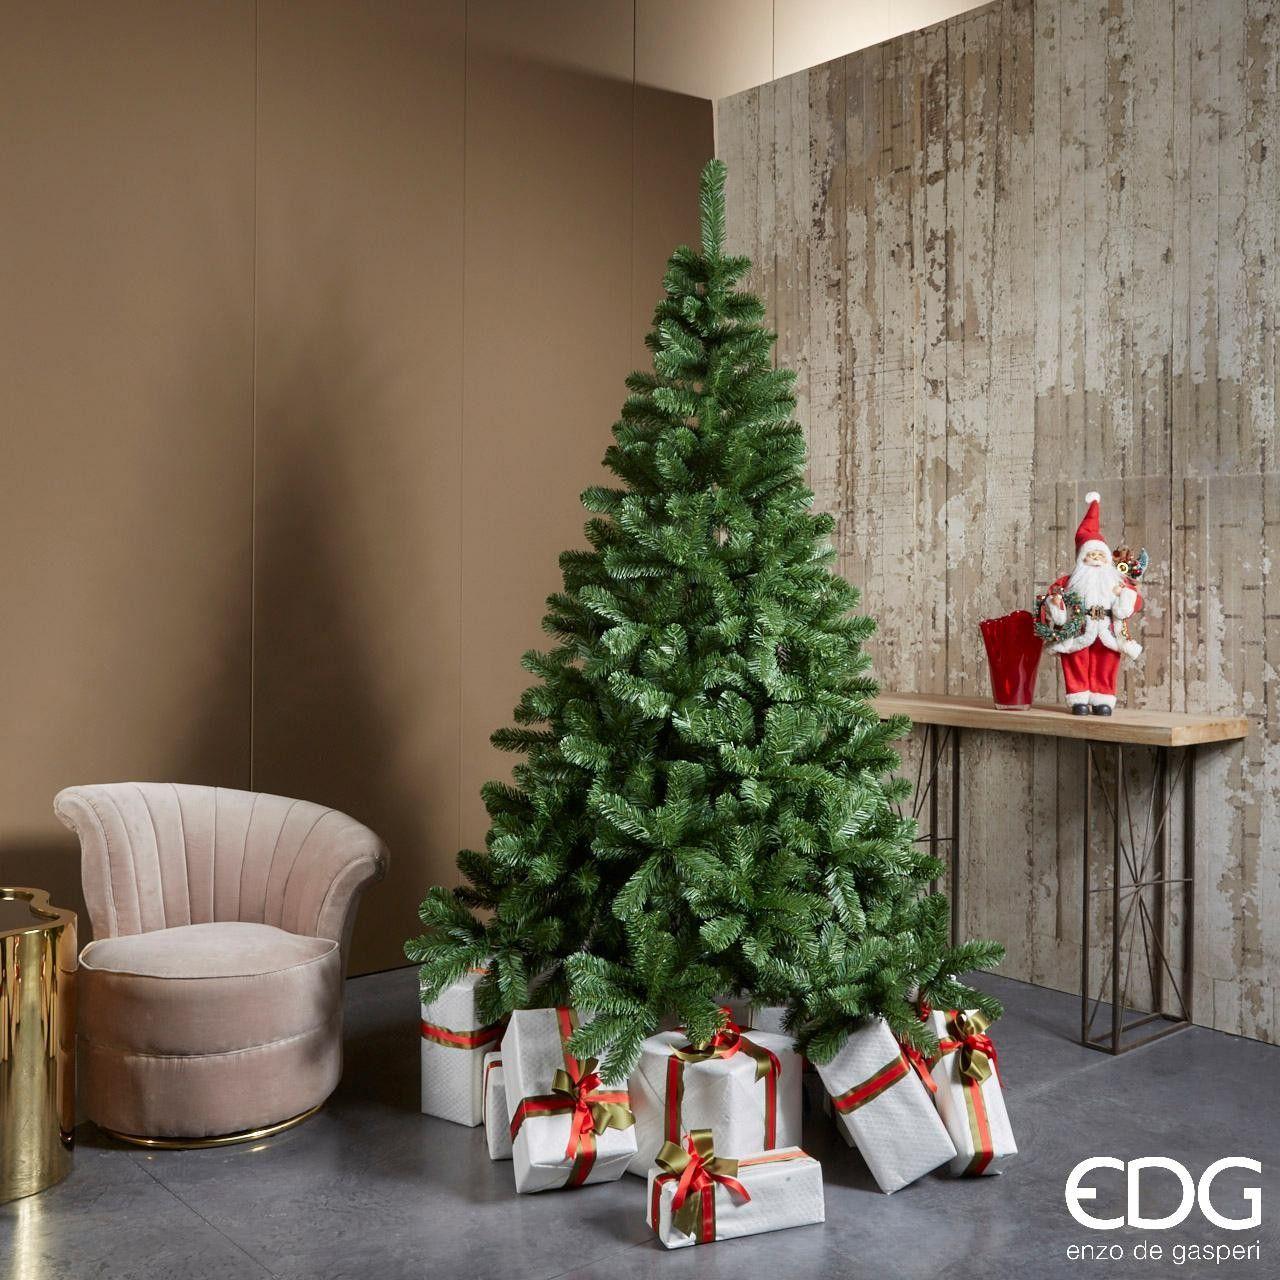 Decorazioni Natalizie Edg Natale 2020.Edg Enzo De Gasperi